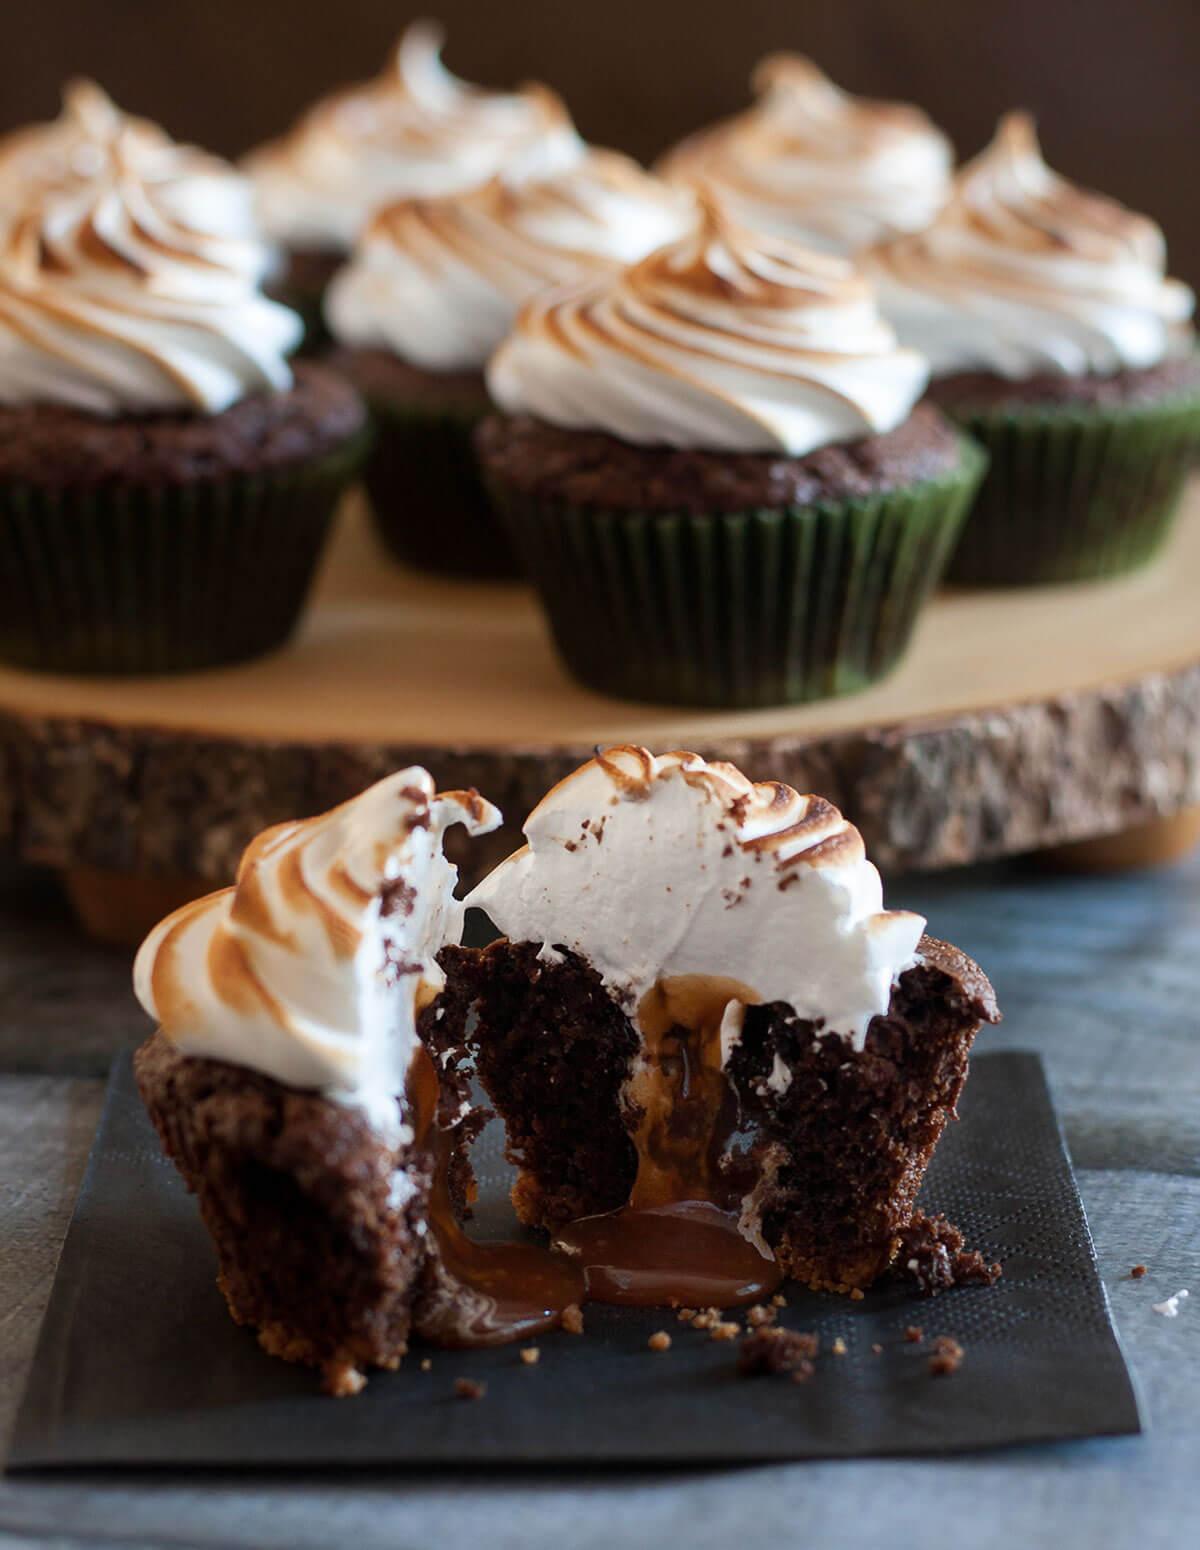 Caramel Stuffed S'mores Cupcakes